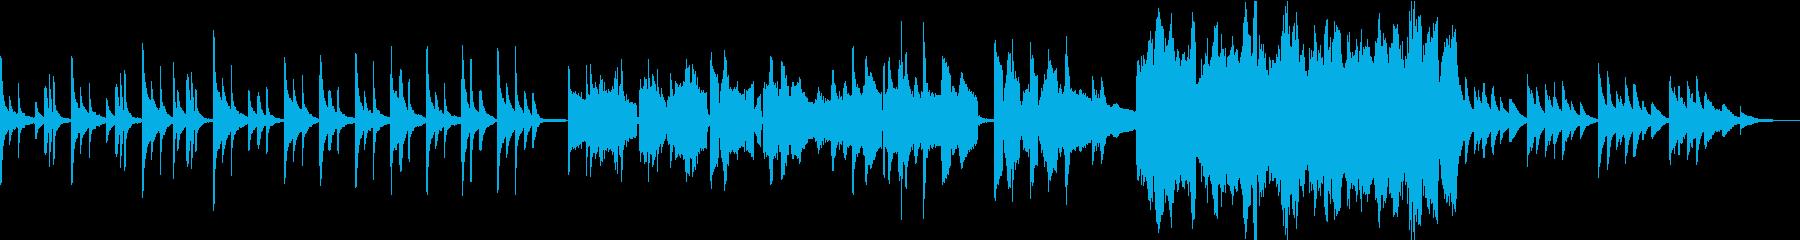 ゆったりハープとフルートの夢のような曲の再生済みの波形